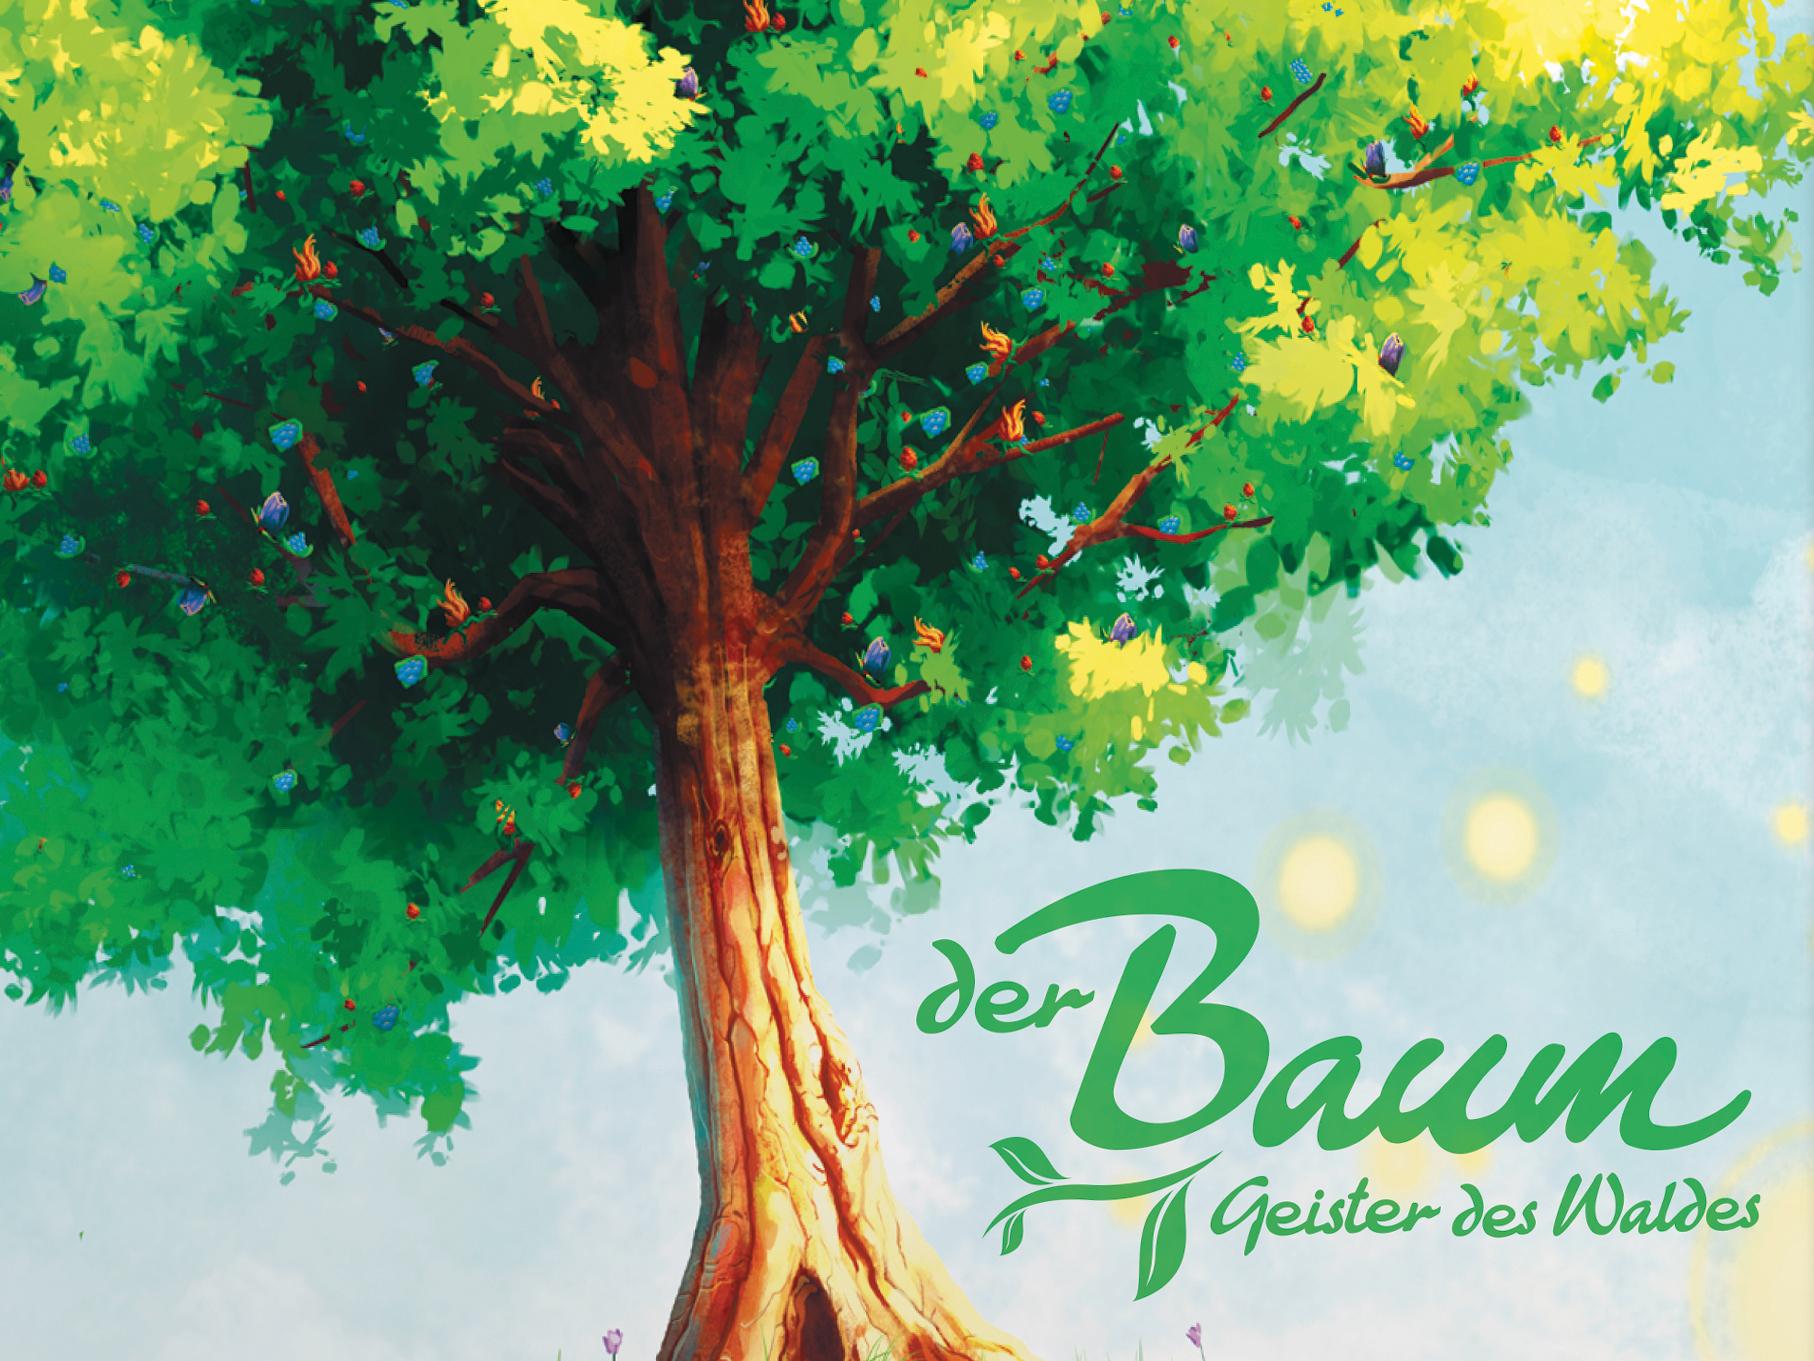 süsses Deko Eichhörnchen für den Baum wetterfest Gartendeko